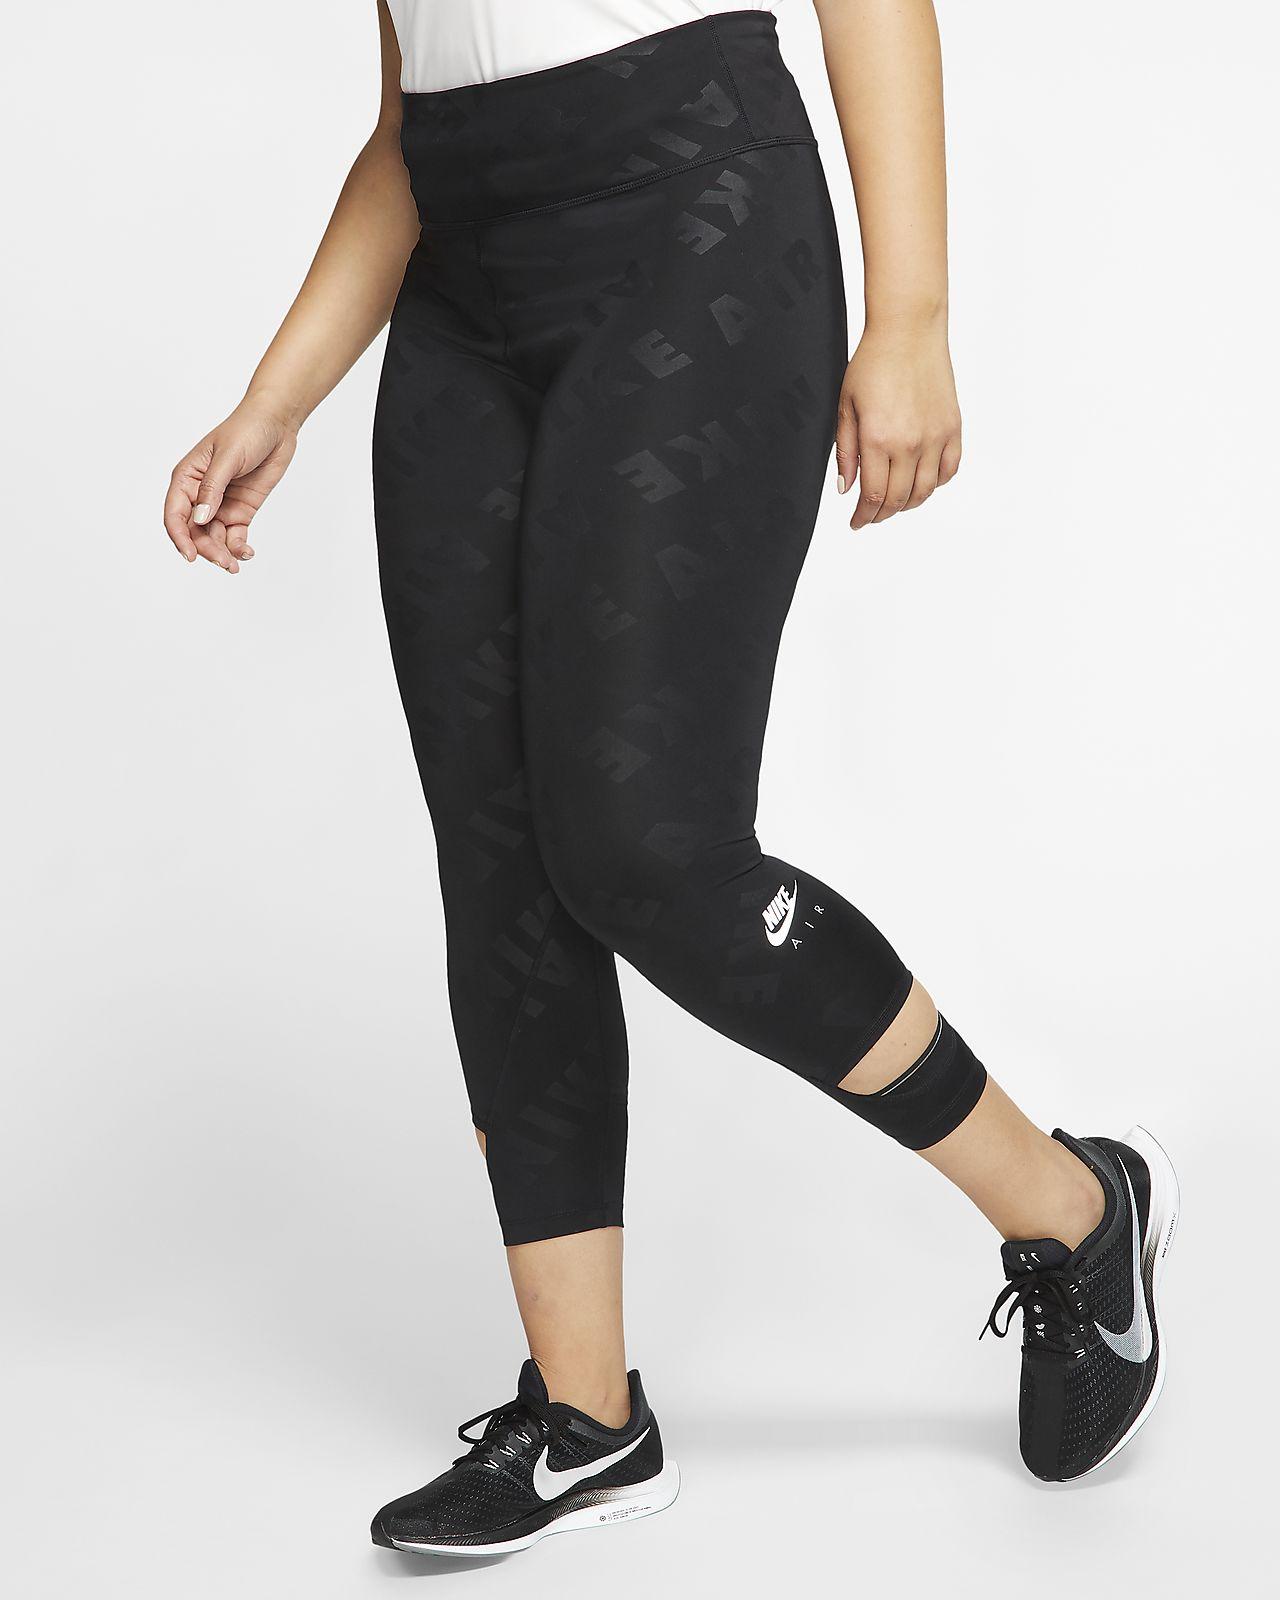 Nike Air 7/8-Lauf-Tights für Damen (große Größe)